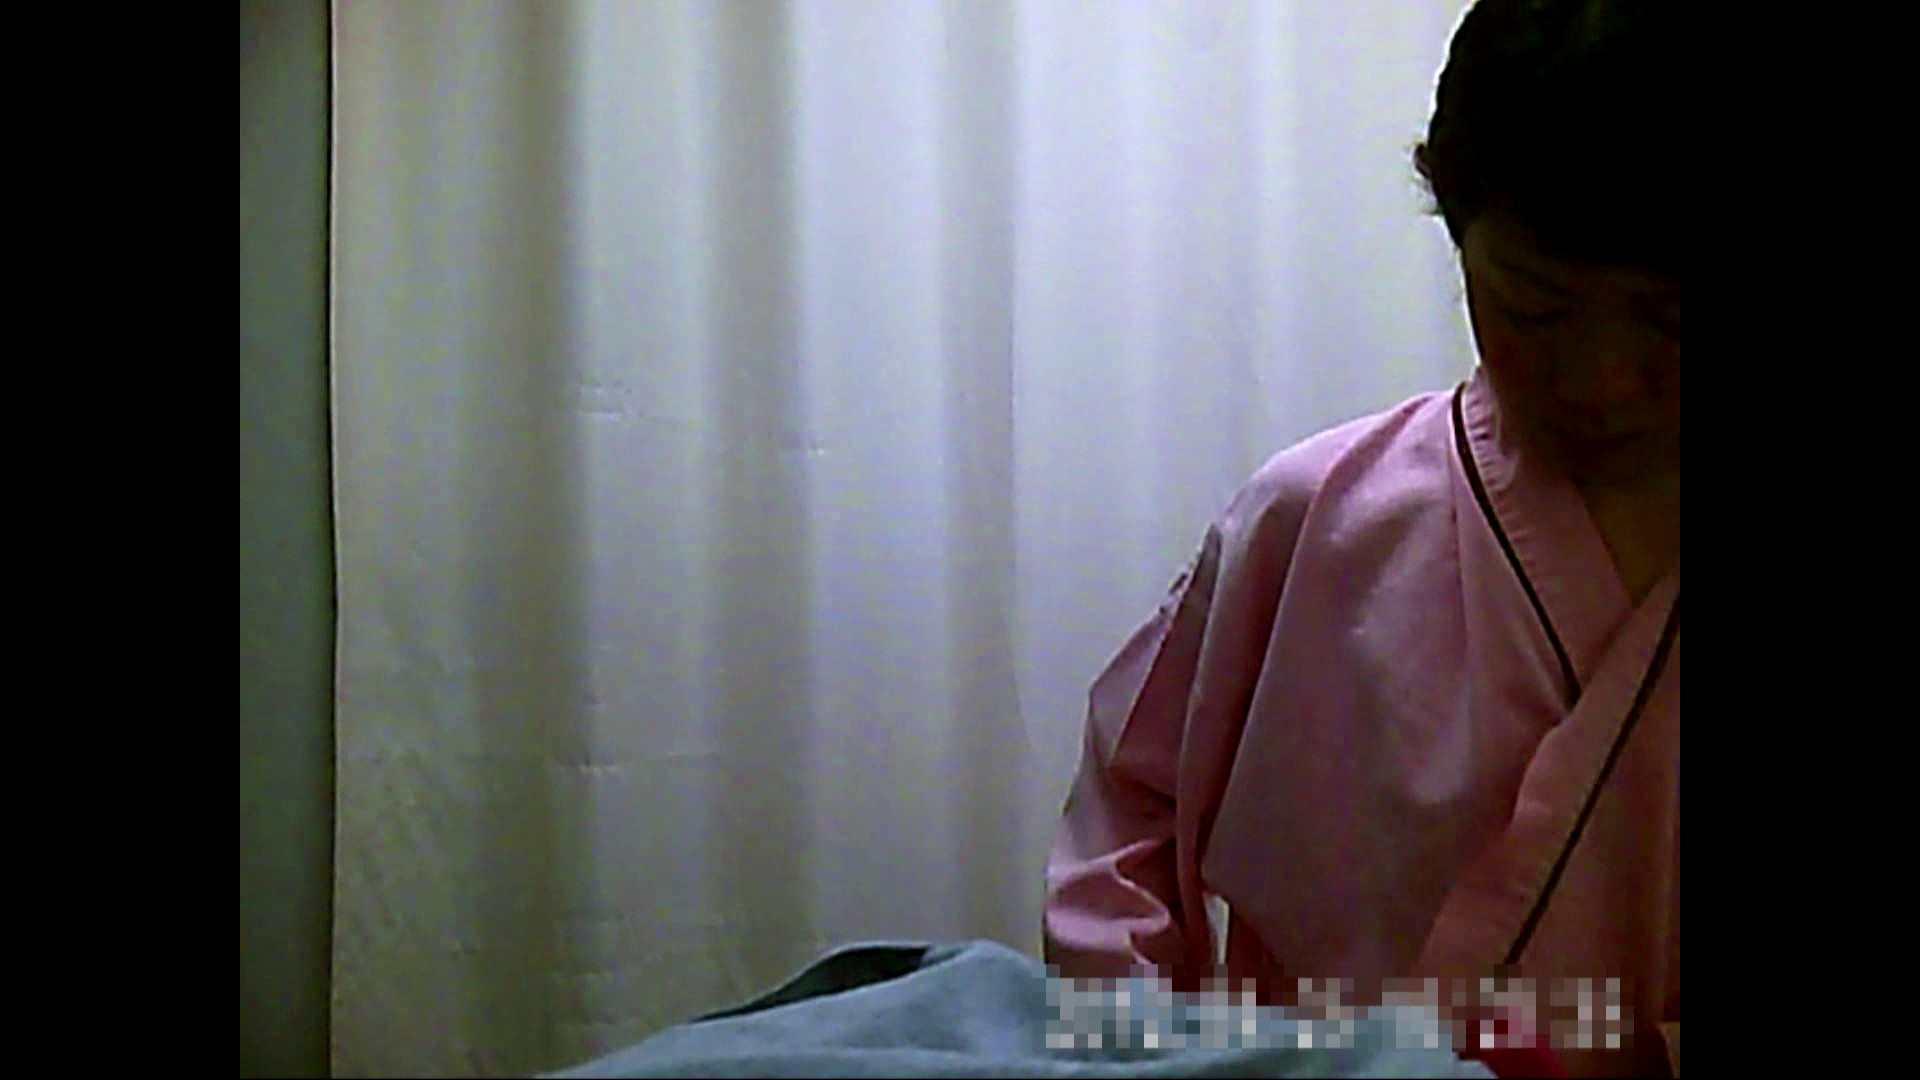 病院おもいっきり着替え! vol.287 乳首 アダルト動画キャプチャ 92PIX 39